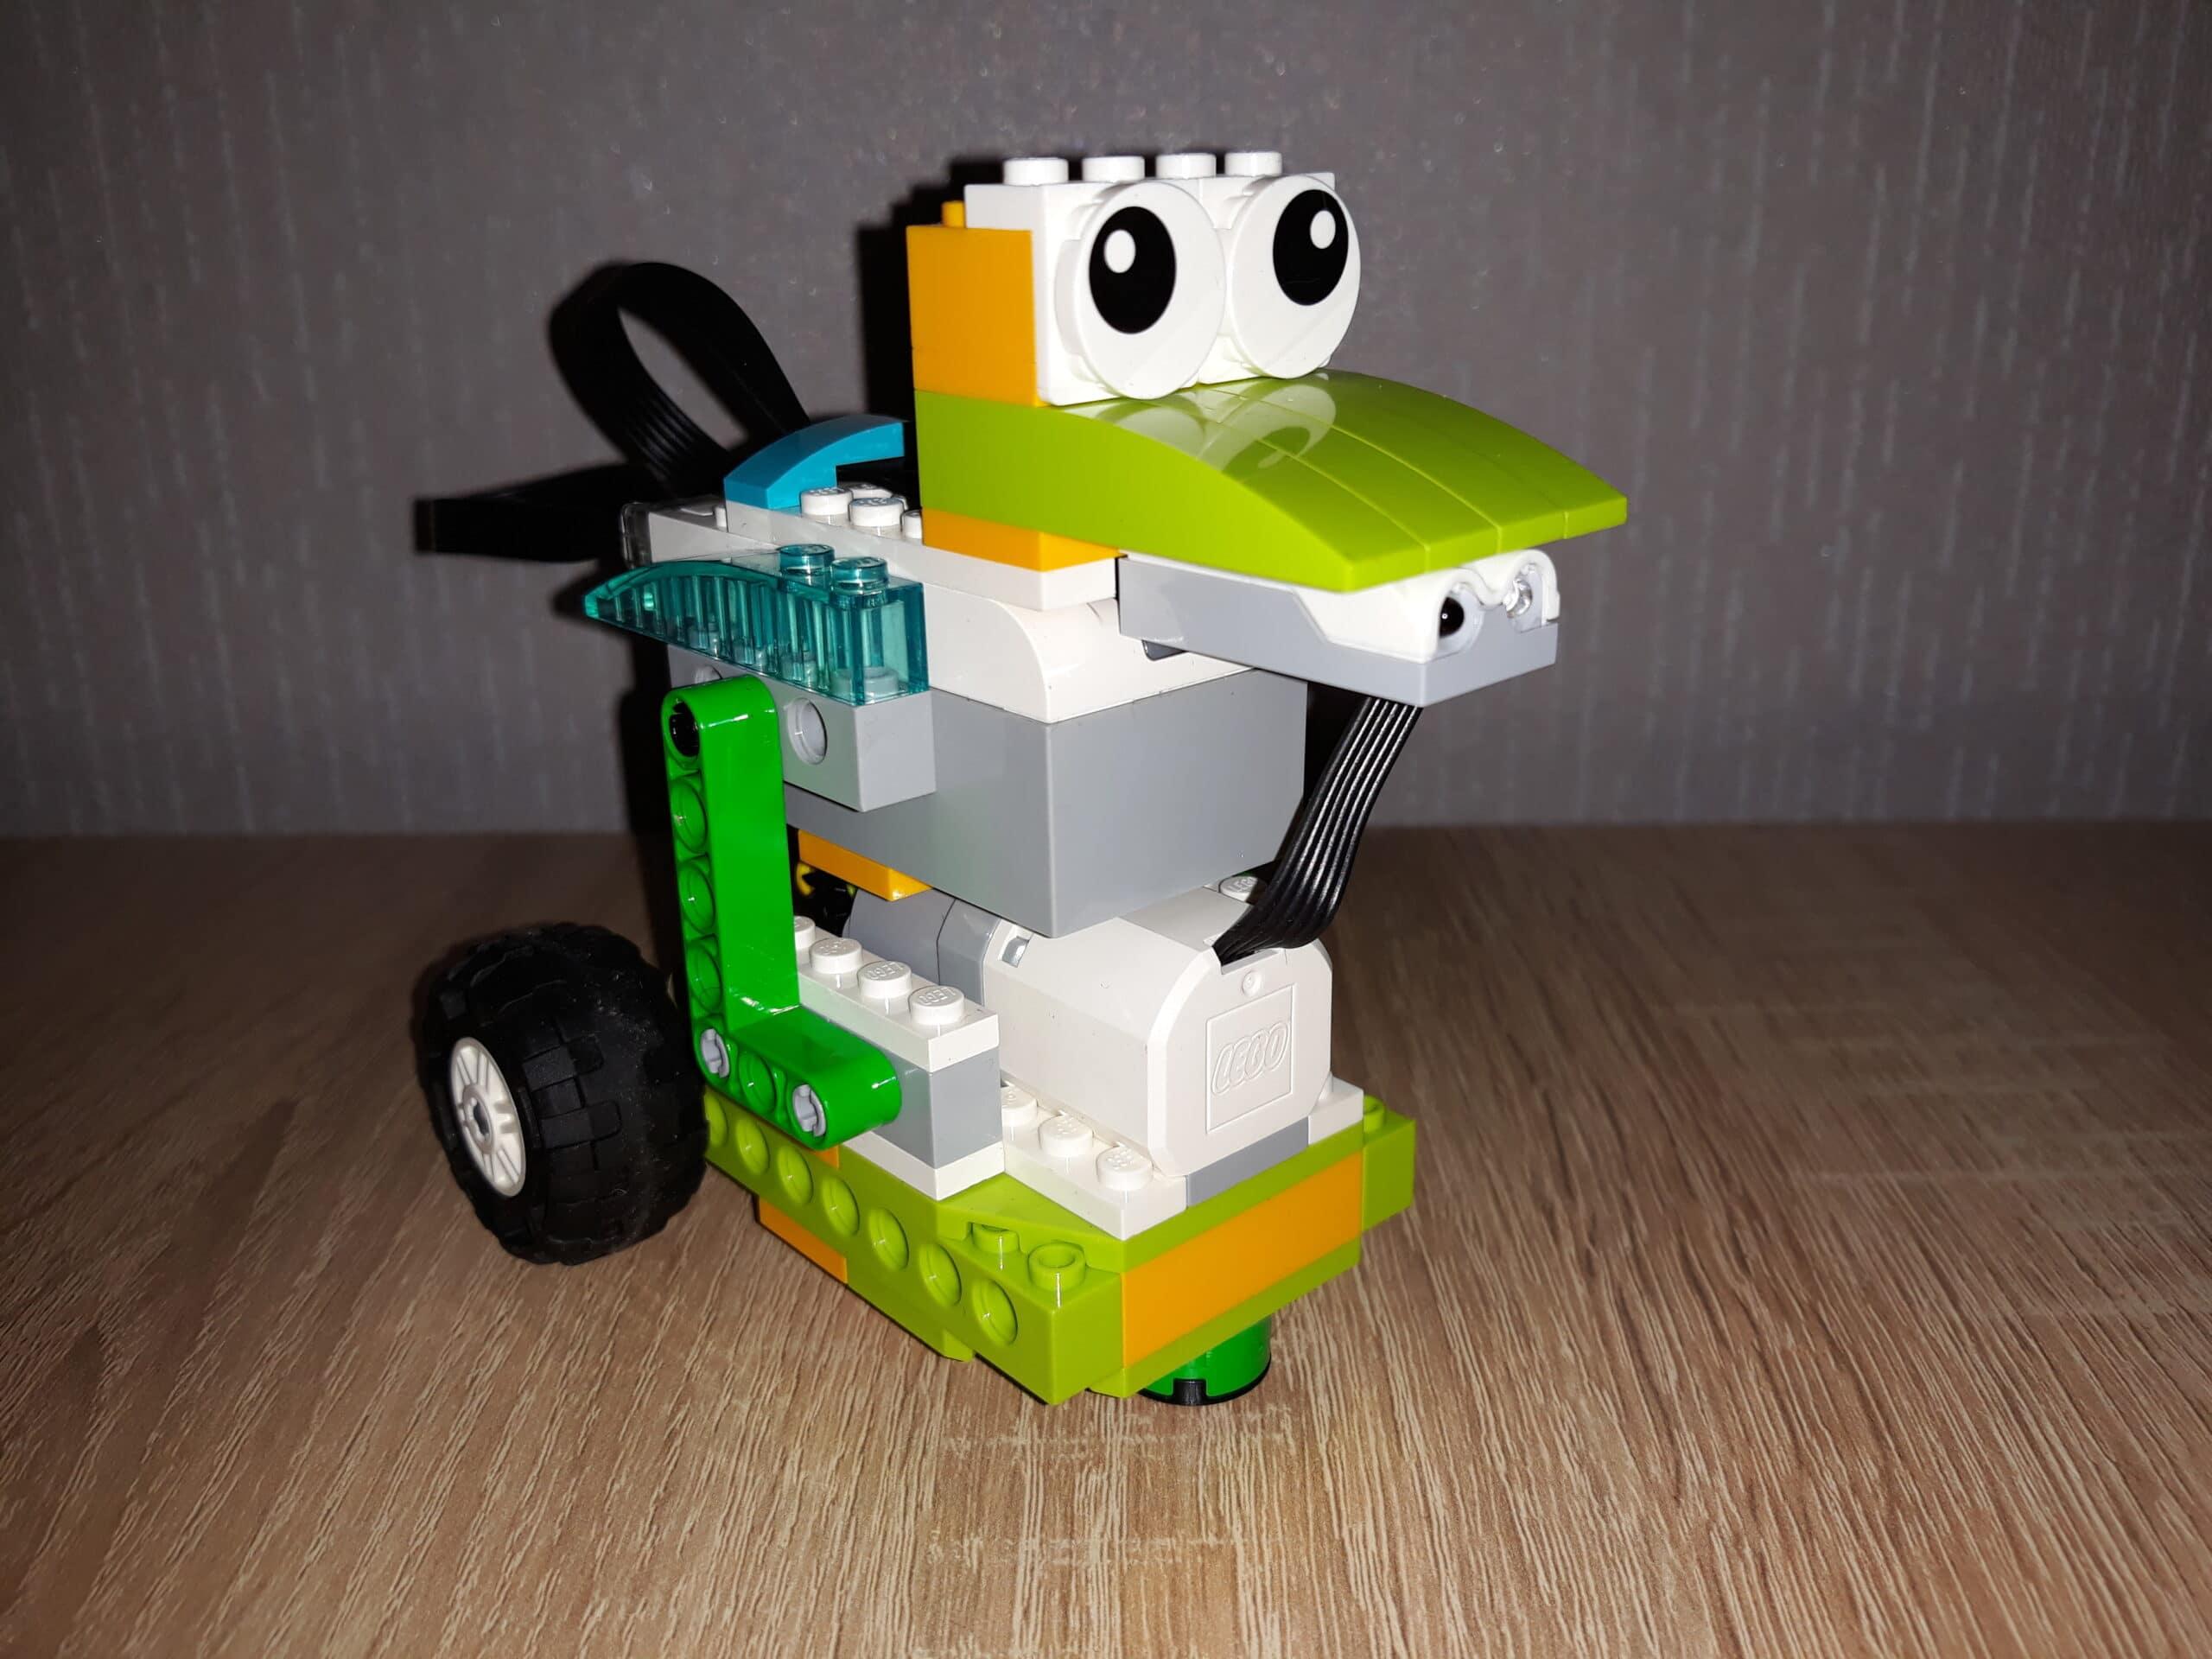 Инструкция по сборке из набора LEGO Education WeDo 2.0 Неуклюжая утка